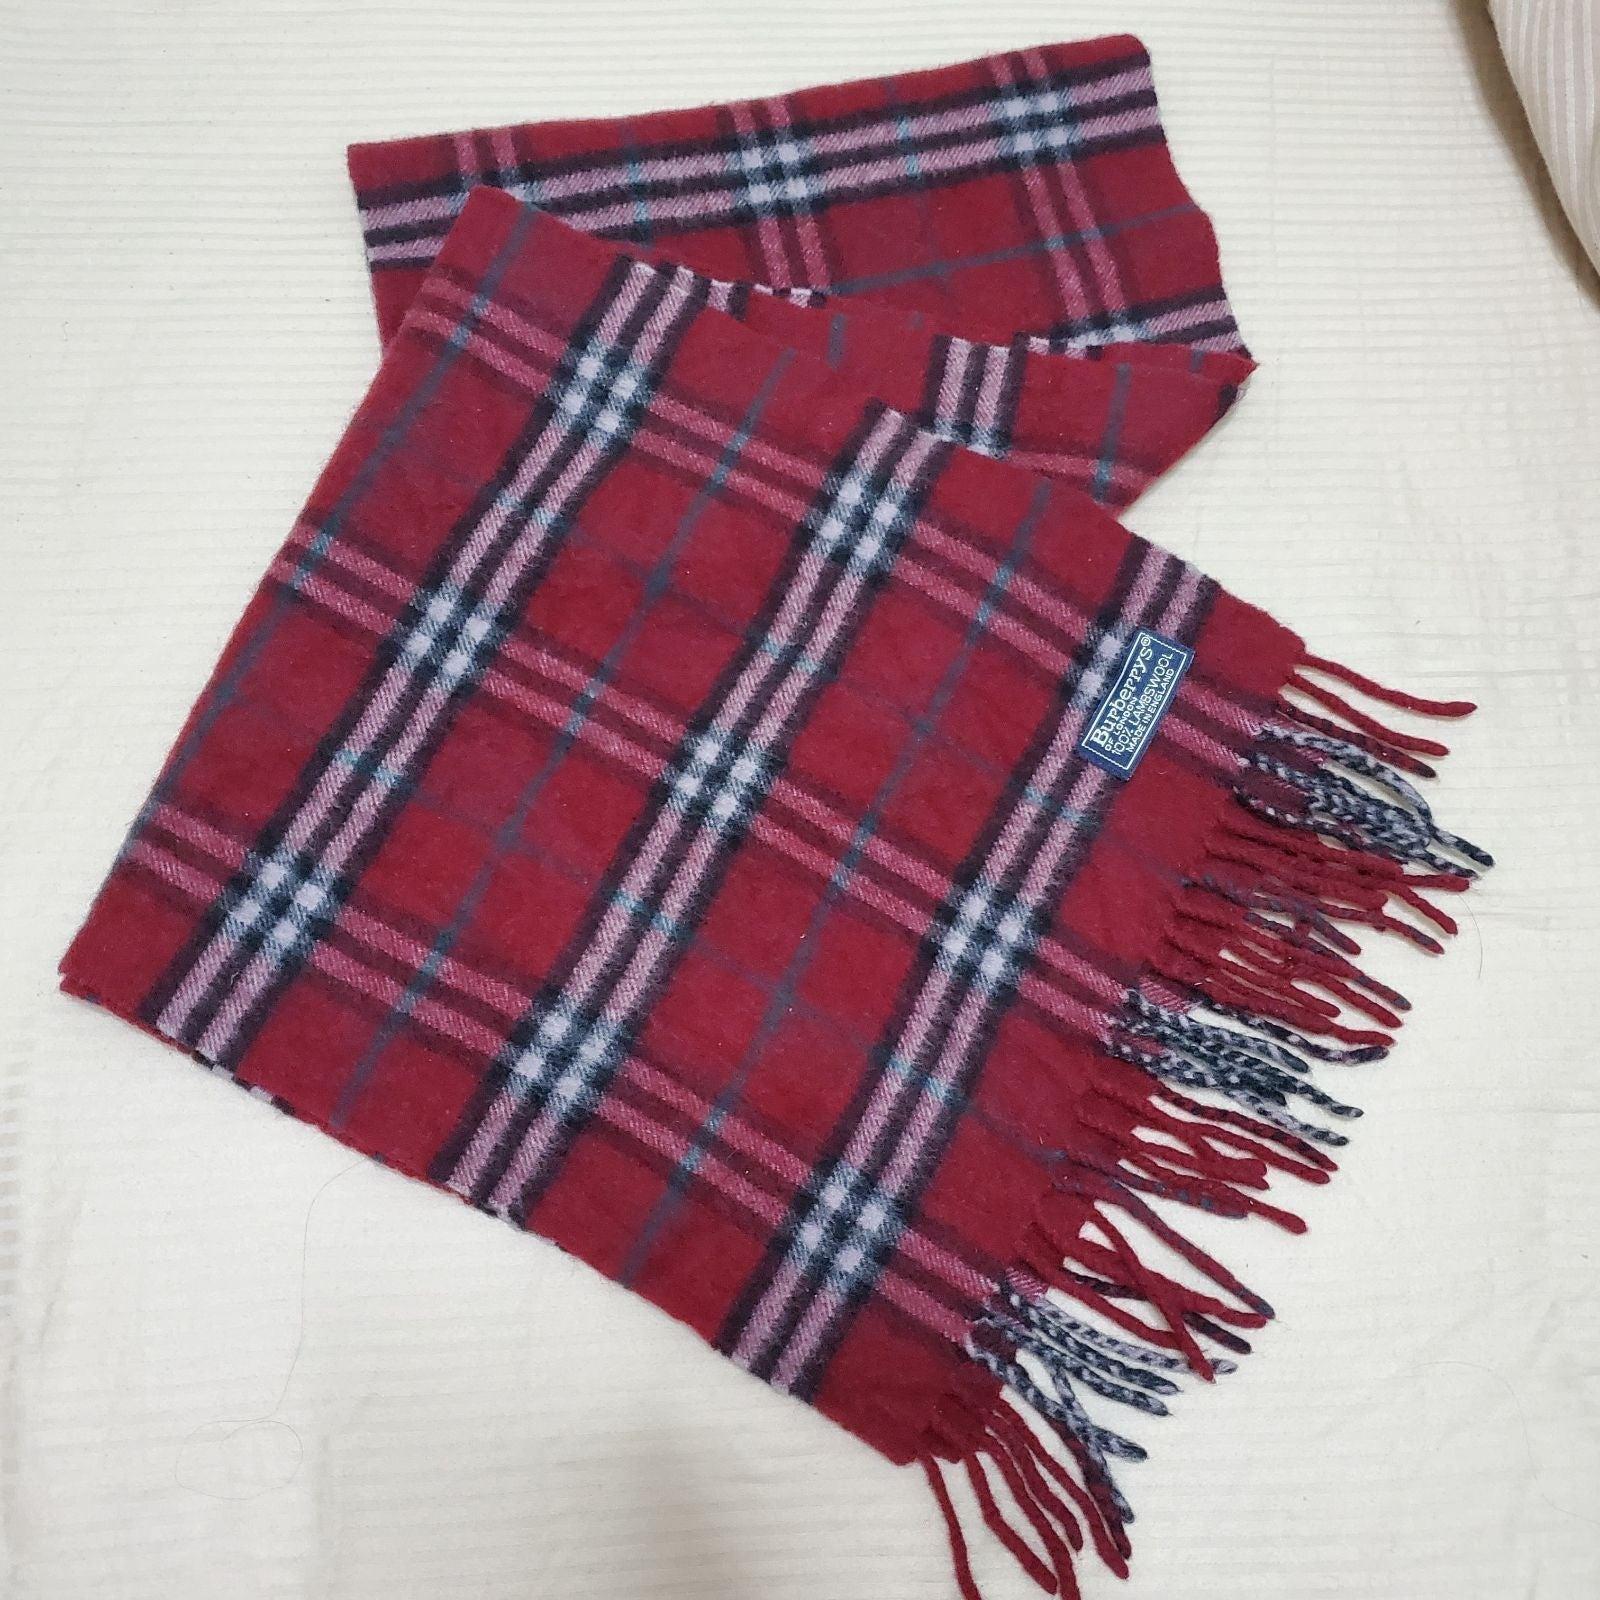 Burbberys Lambswool scarf.